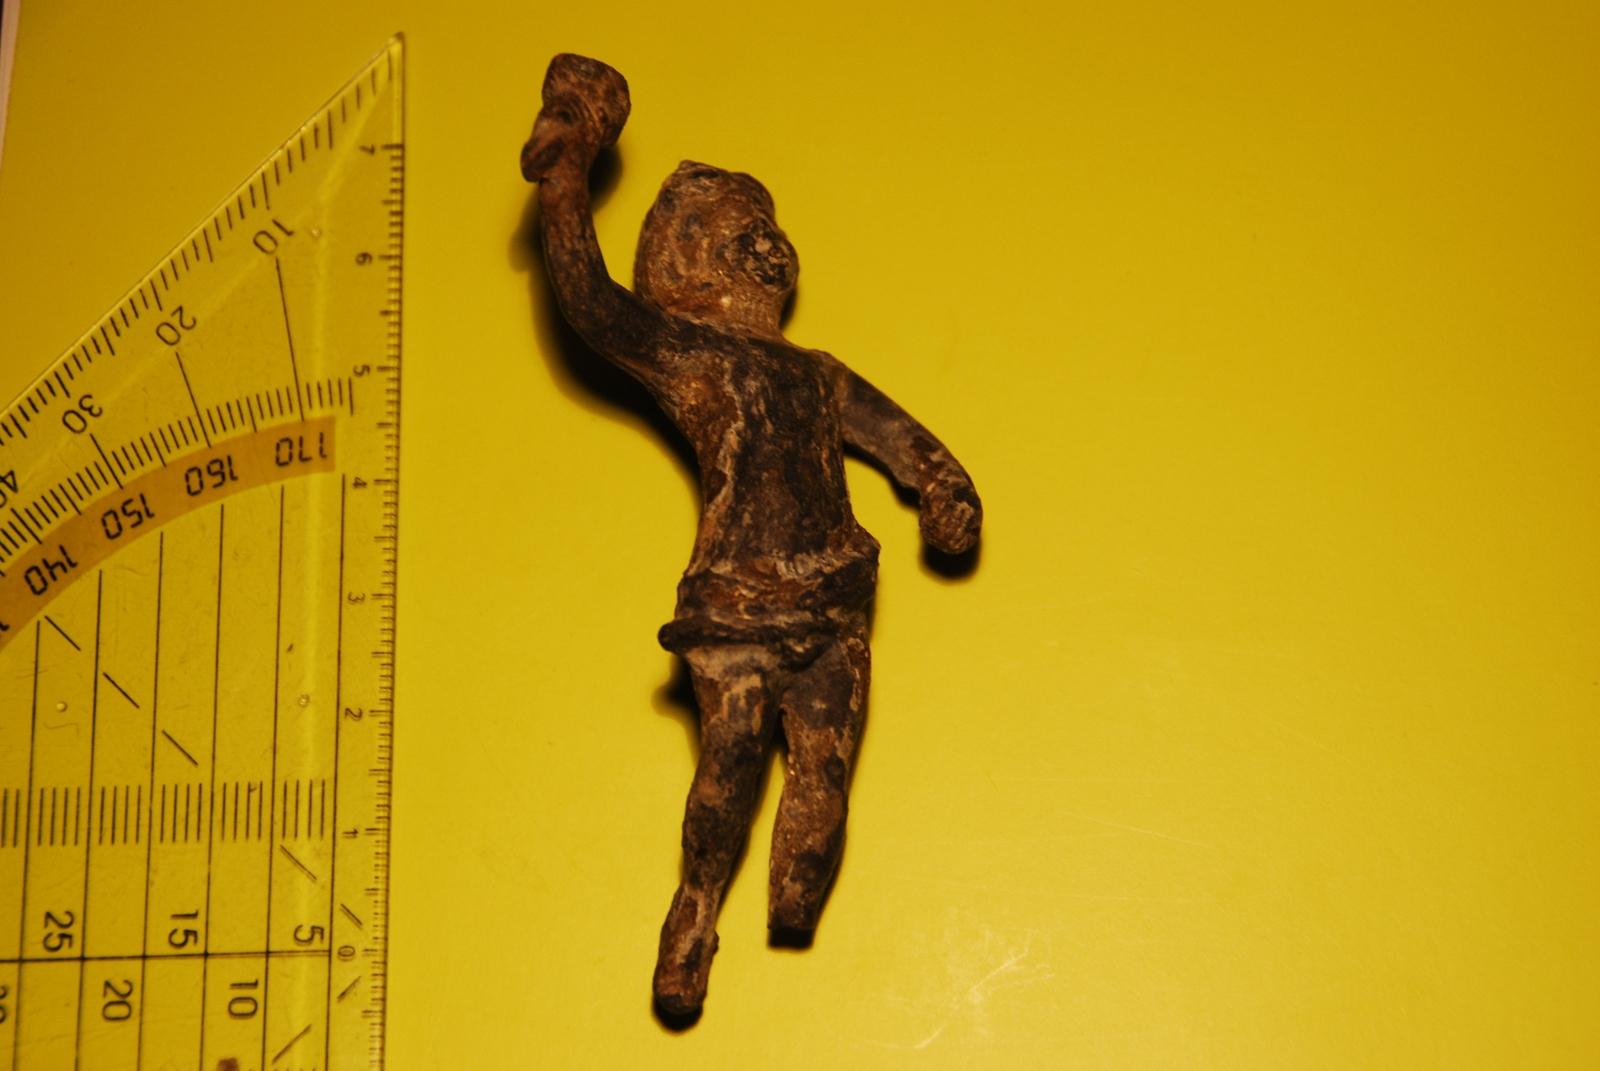 Фото: Найден древний артефакт. Что это?